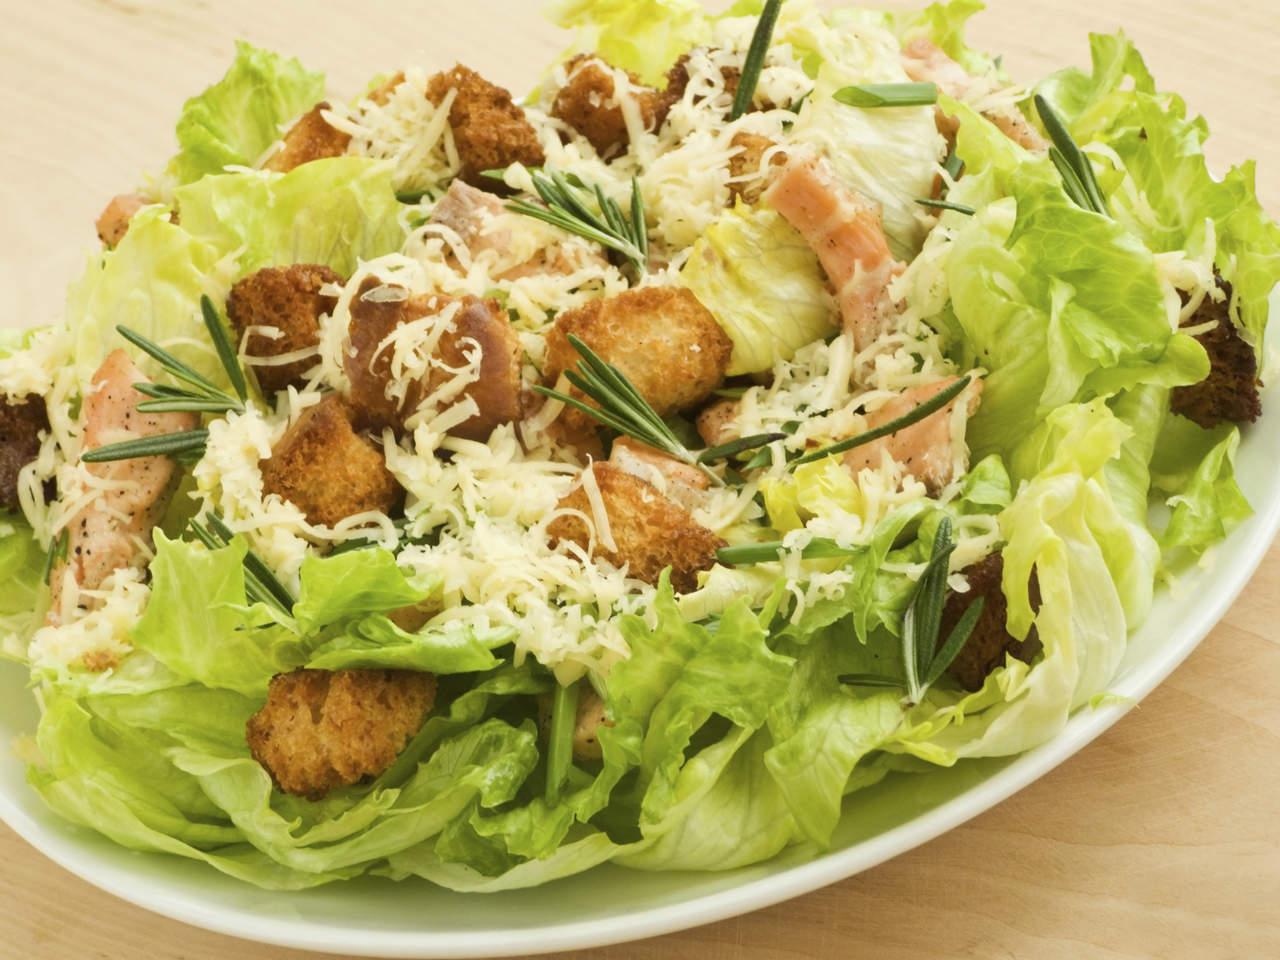 классический рецепт салата цезарь с курицей в домашних